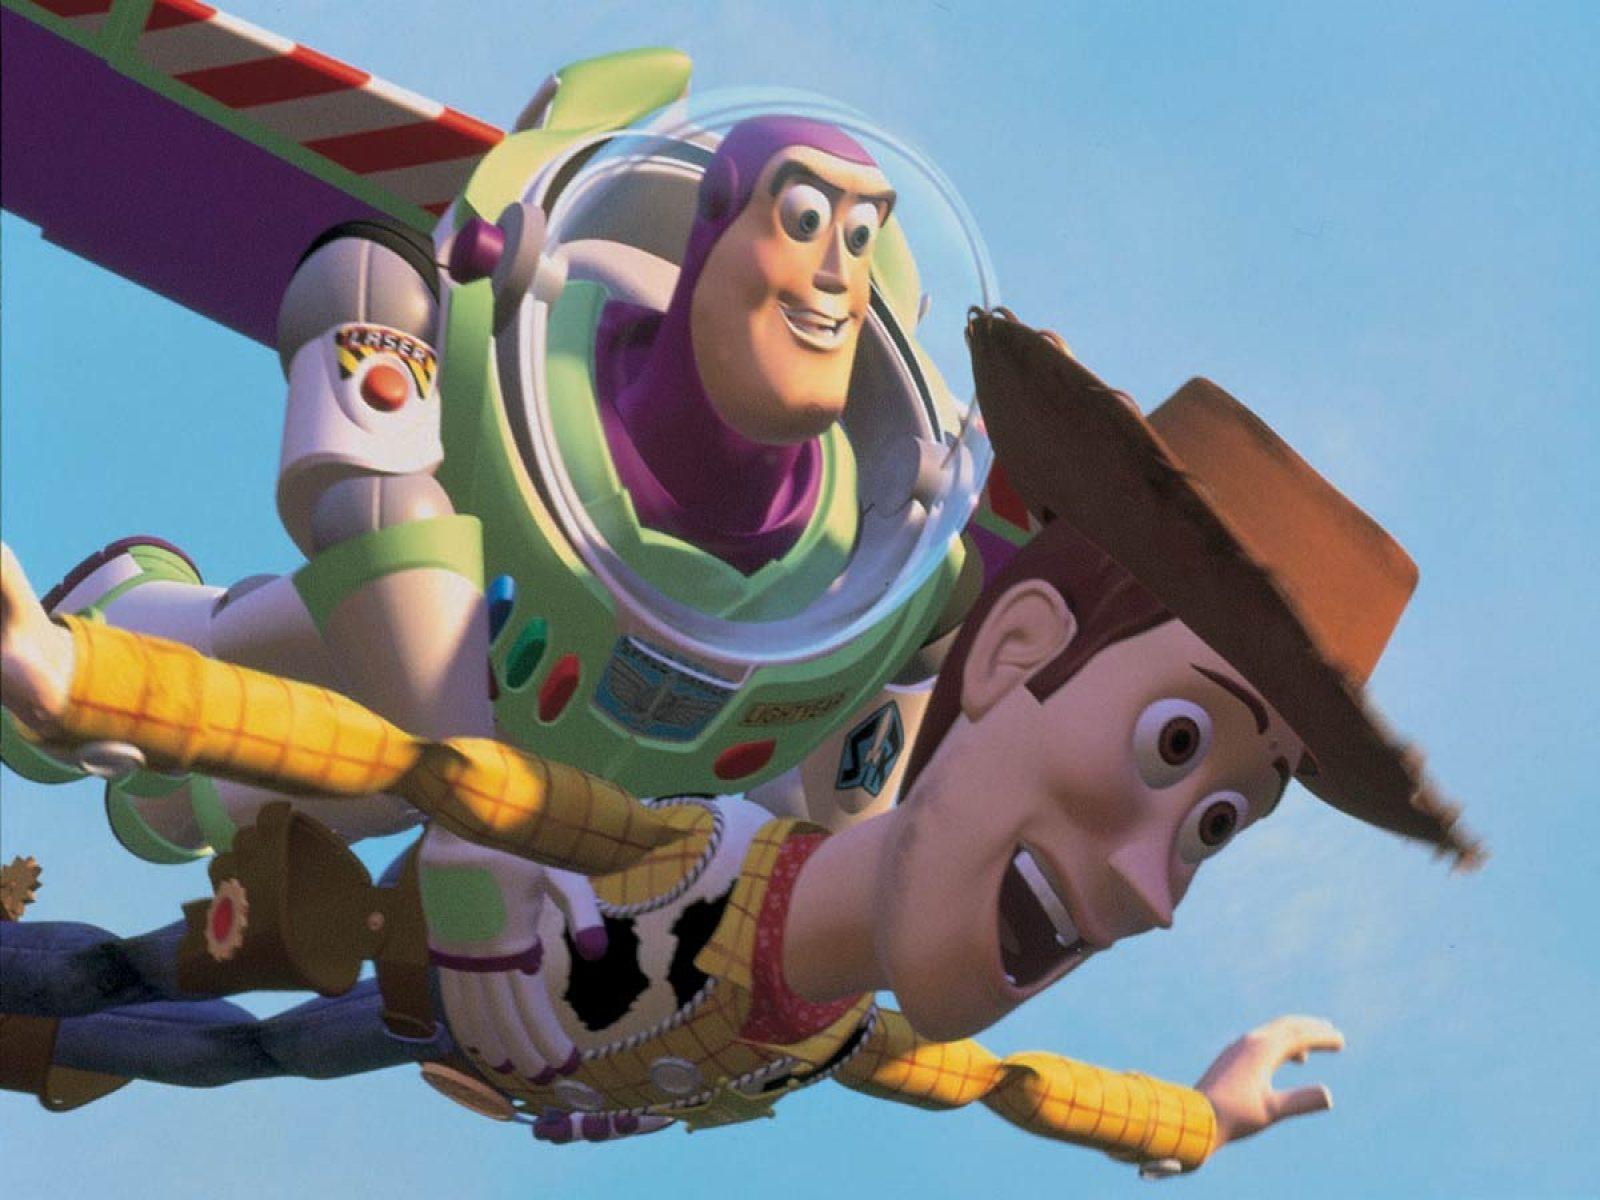 Toy Story Woody Buzz Lightyear